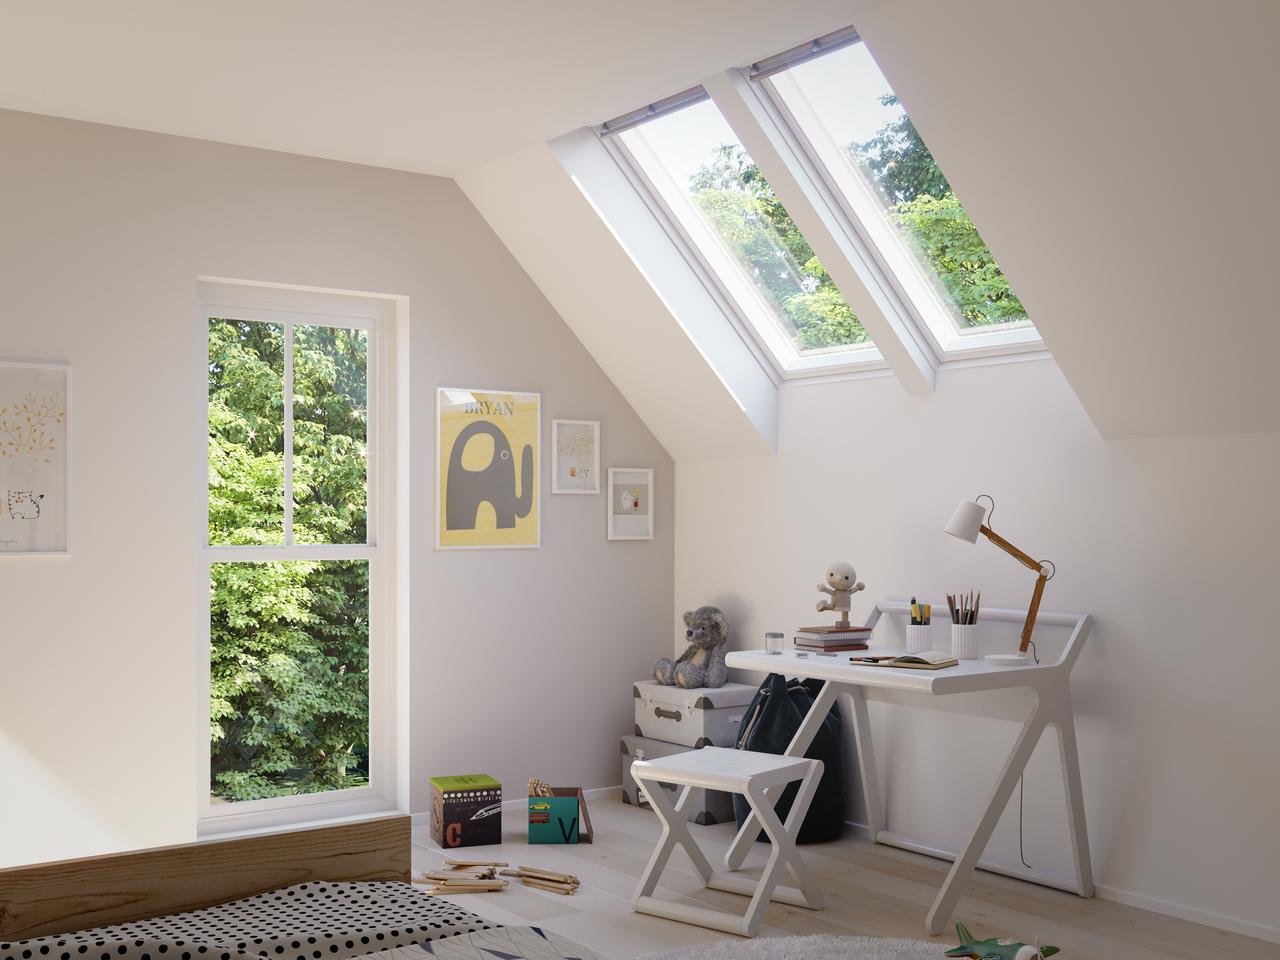 cameretta con finestre per tetti